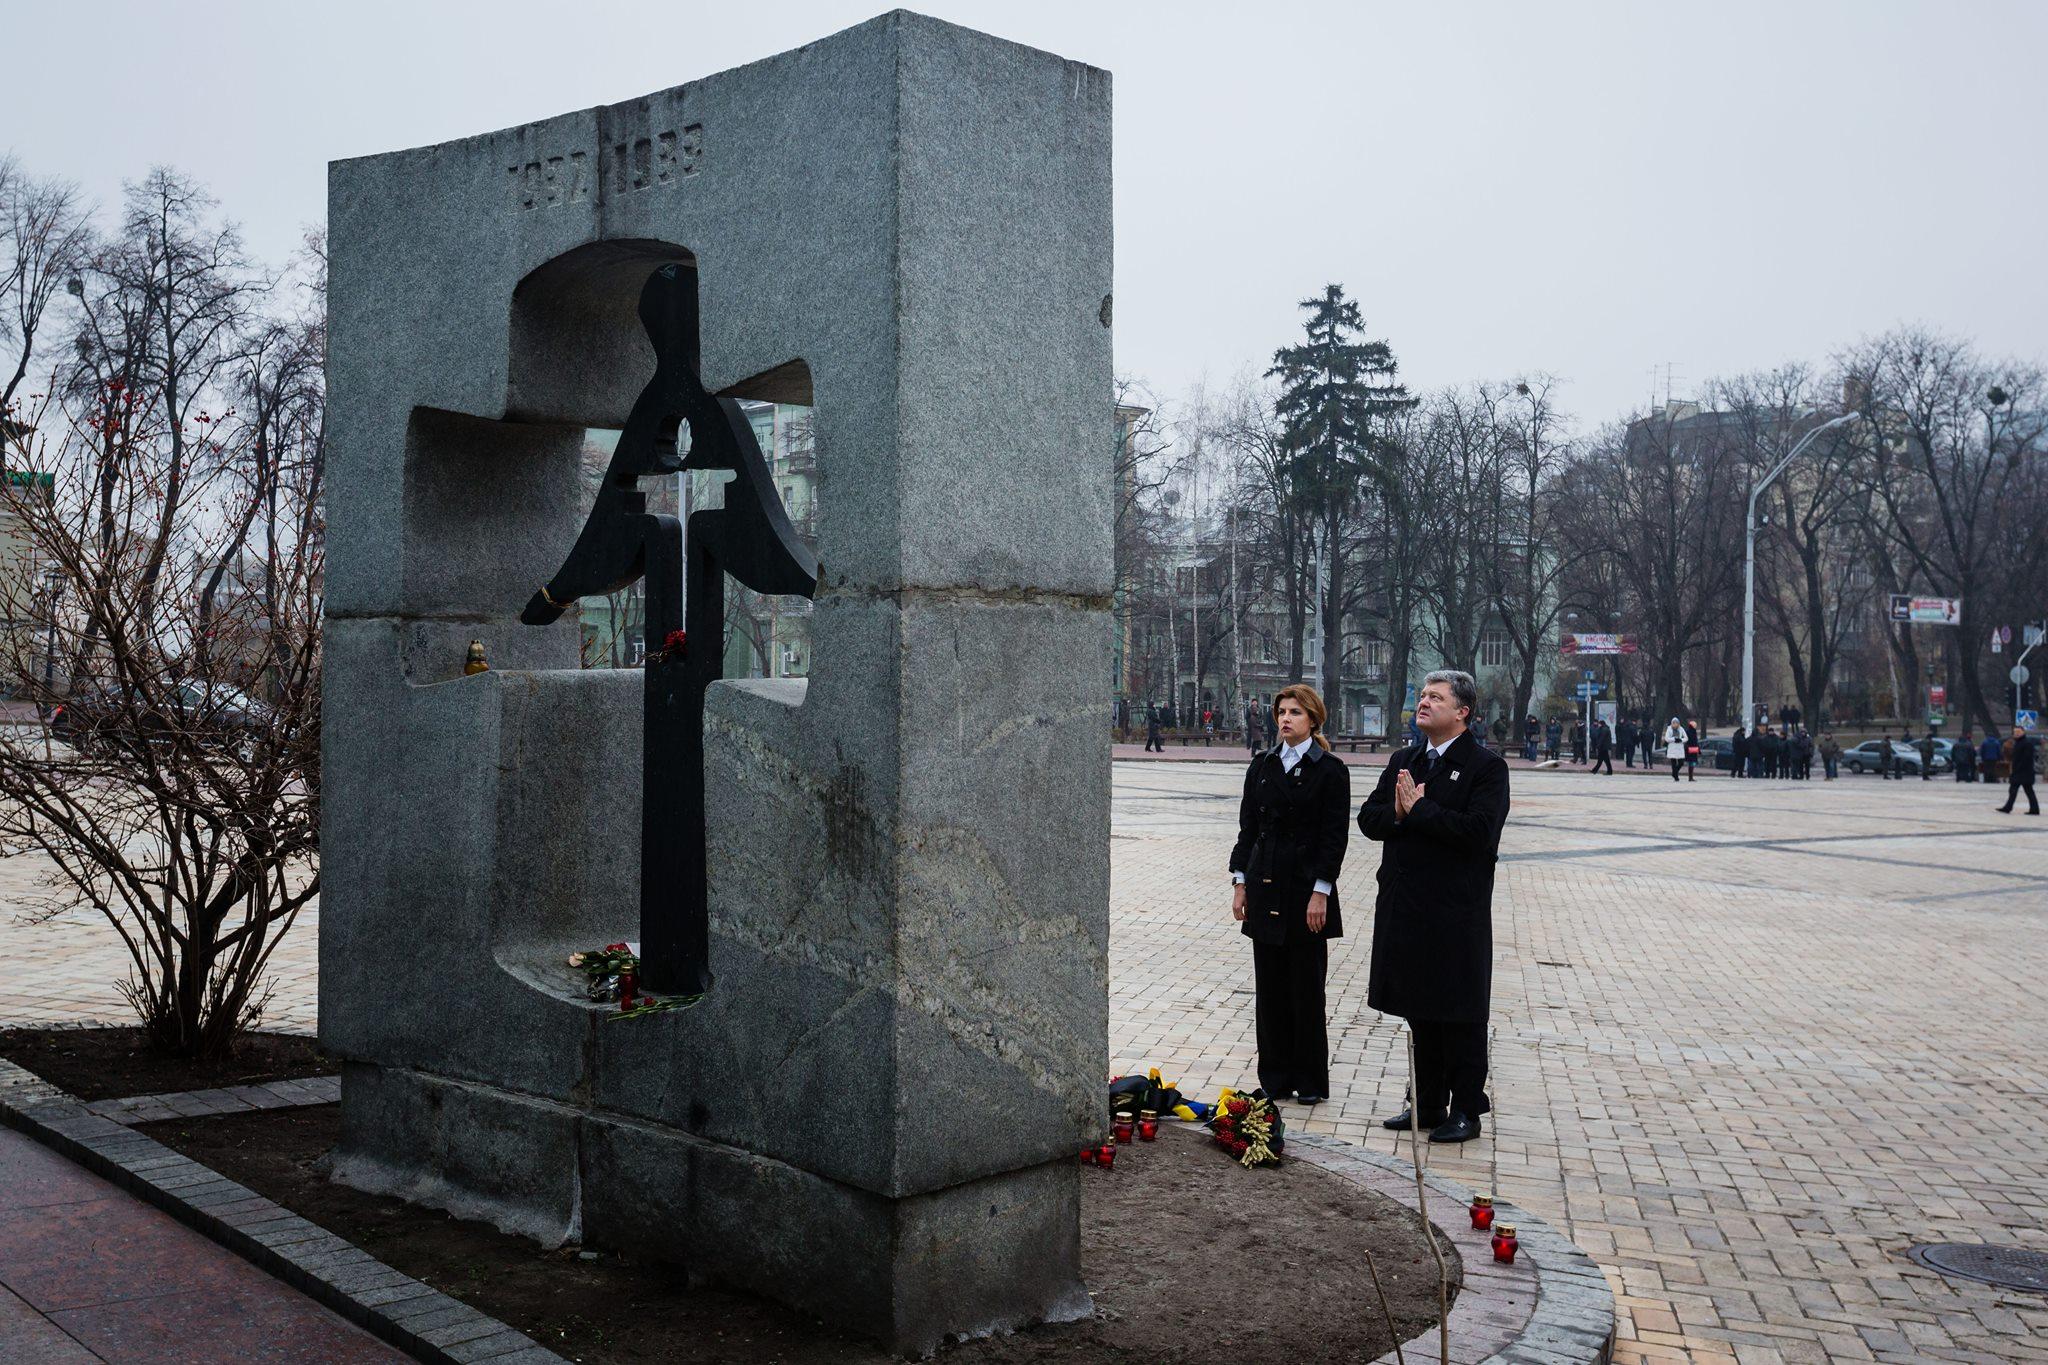 Порошенко: Голодомор - це прояв багатовікової гібридної війни Росії проти України - фото 2